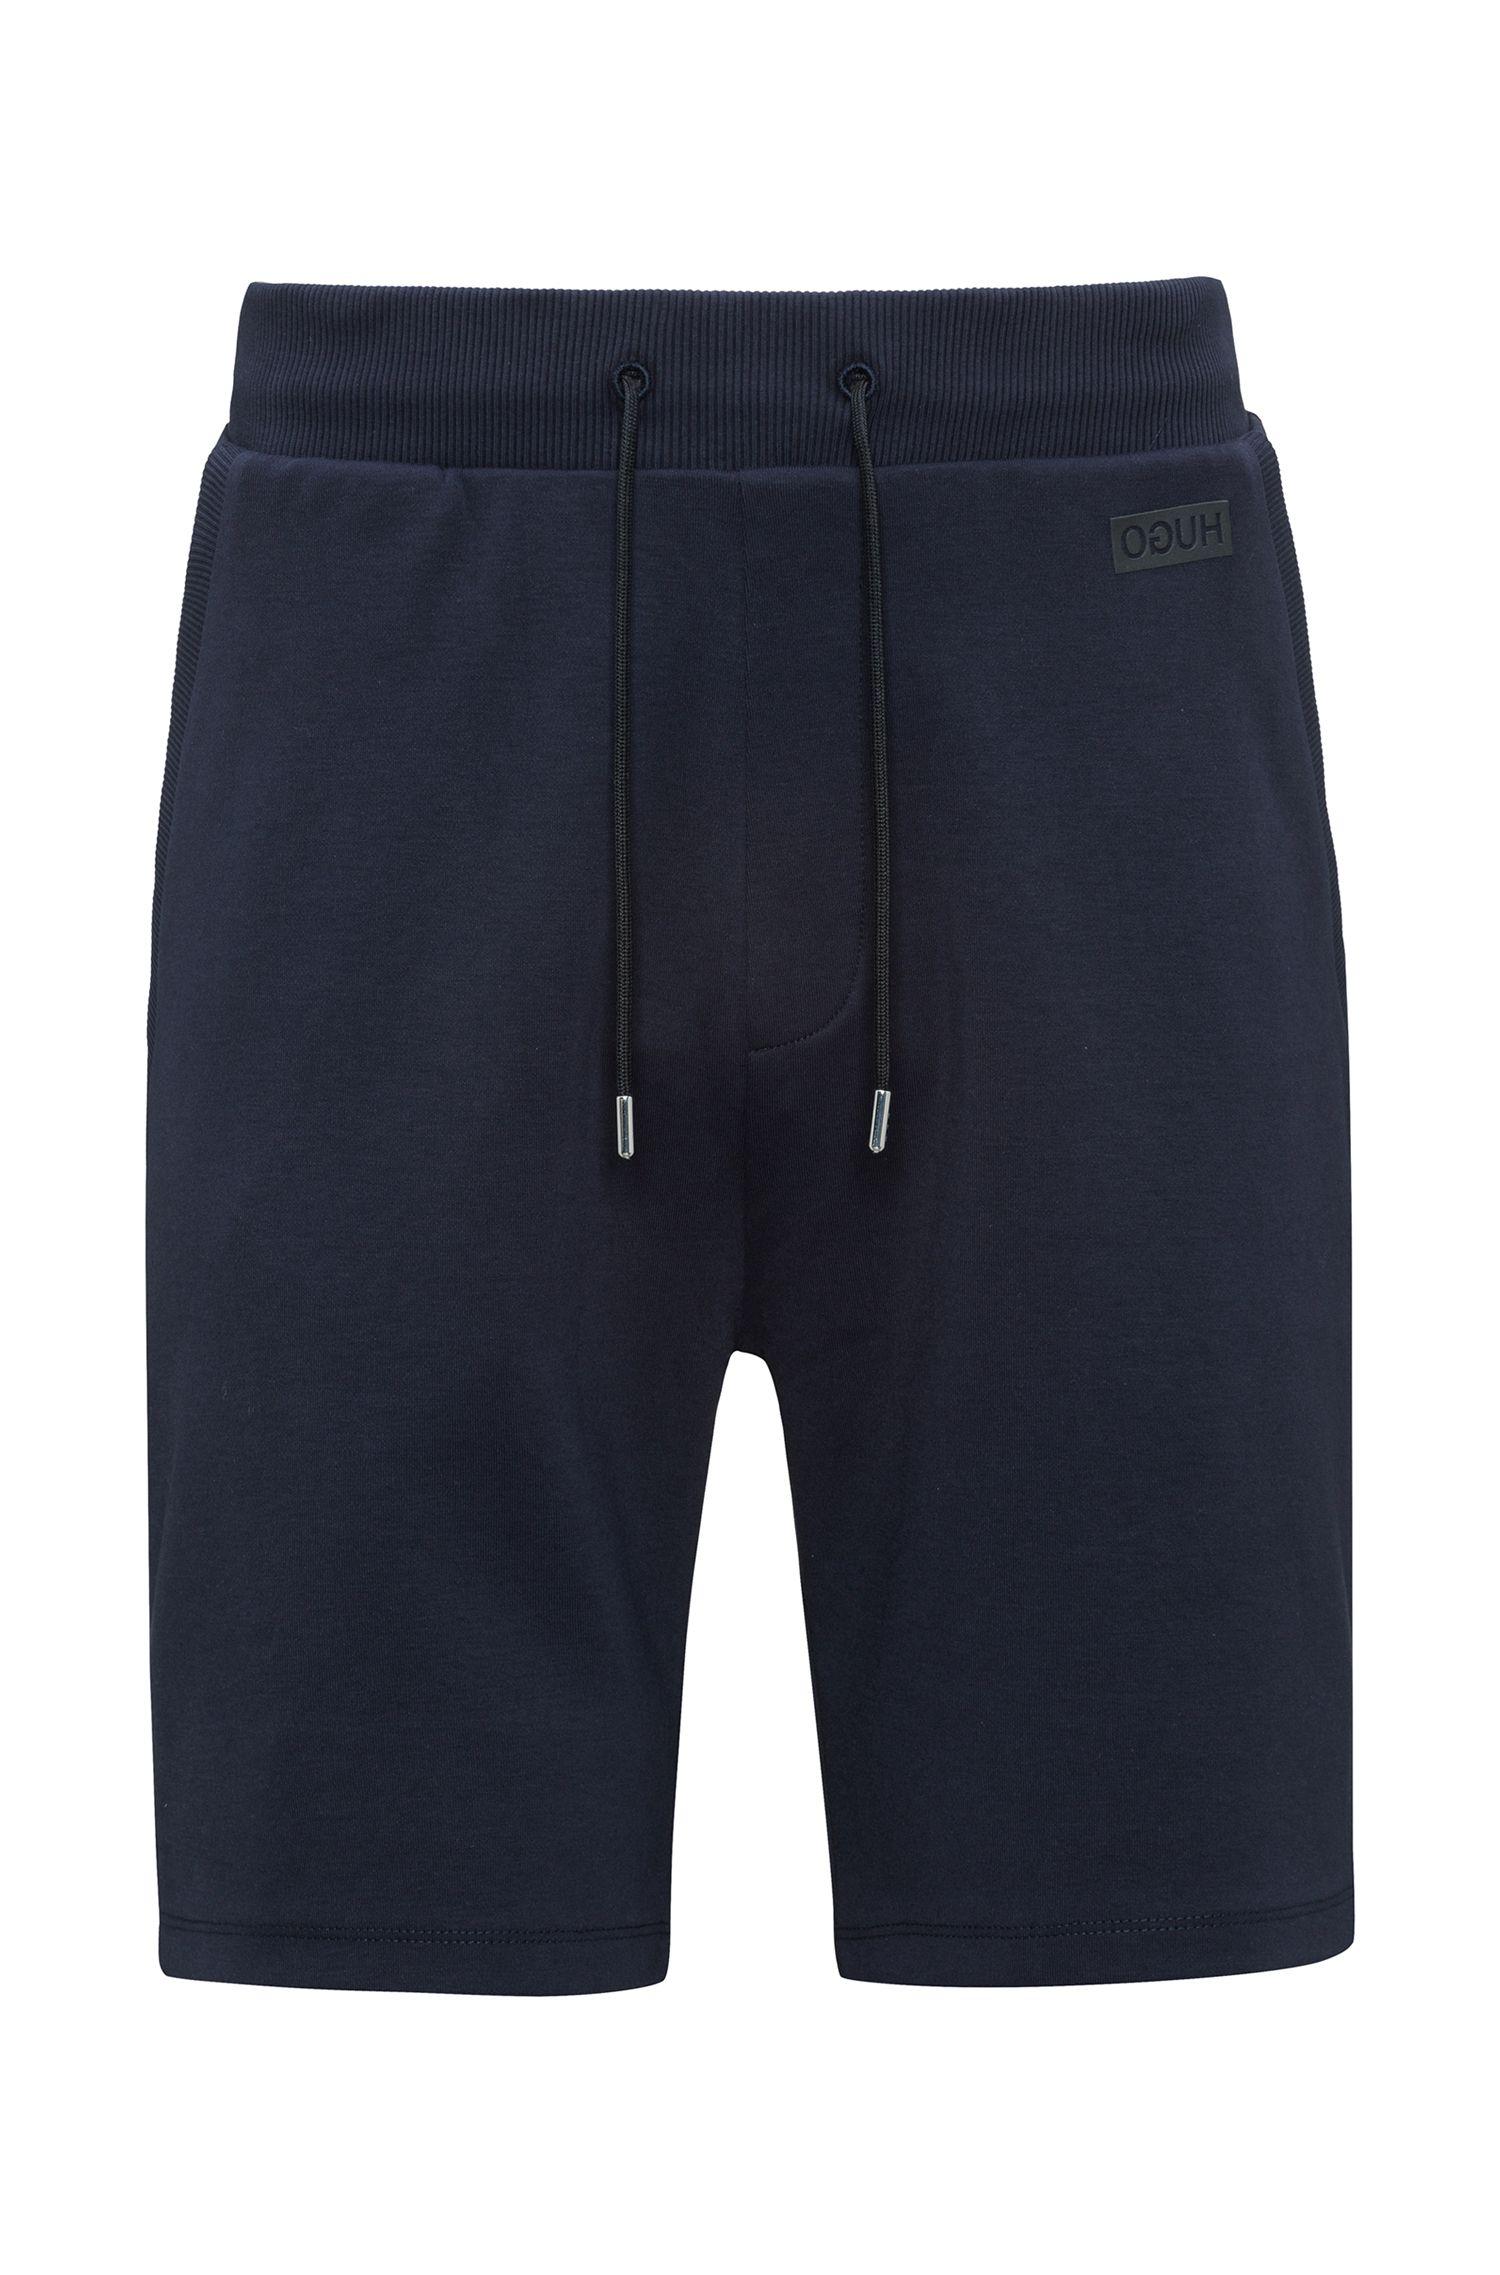 Pantaloncini con cordoncino in cotone intrecciato